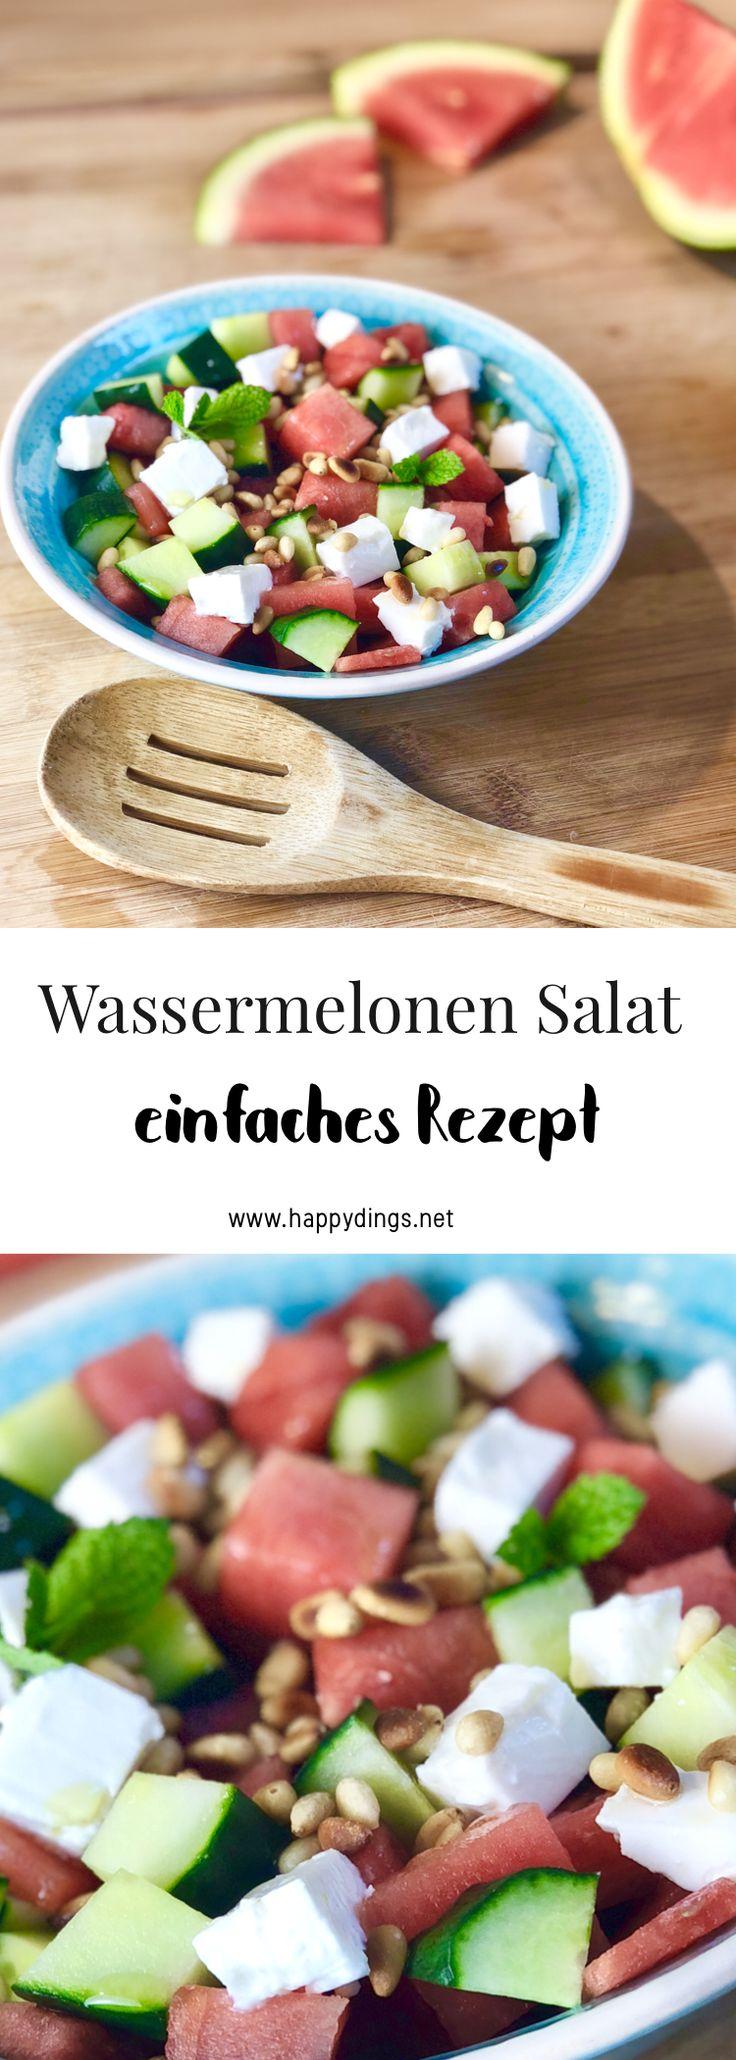 Wassermelonen Salat selber machen – Rezepte für den Sommer